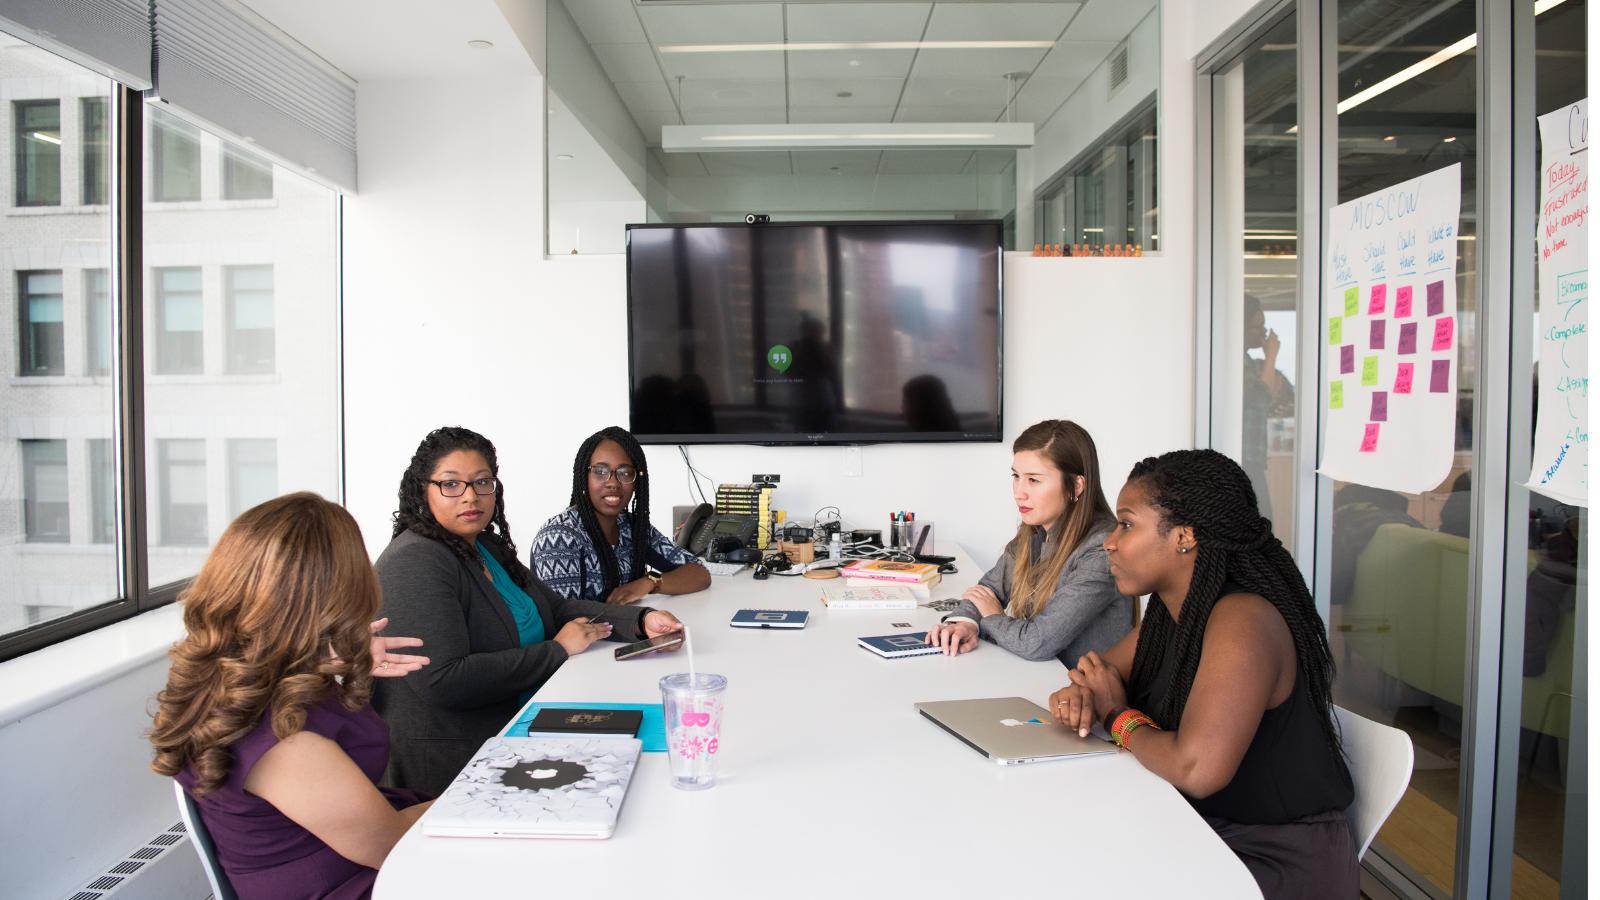 Women working in boardroom